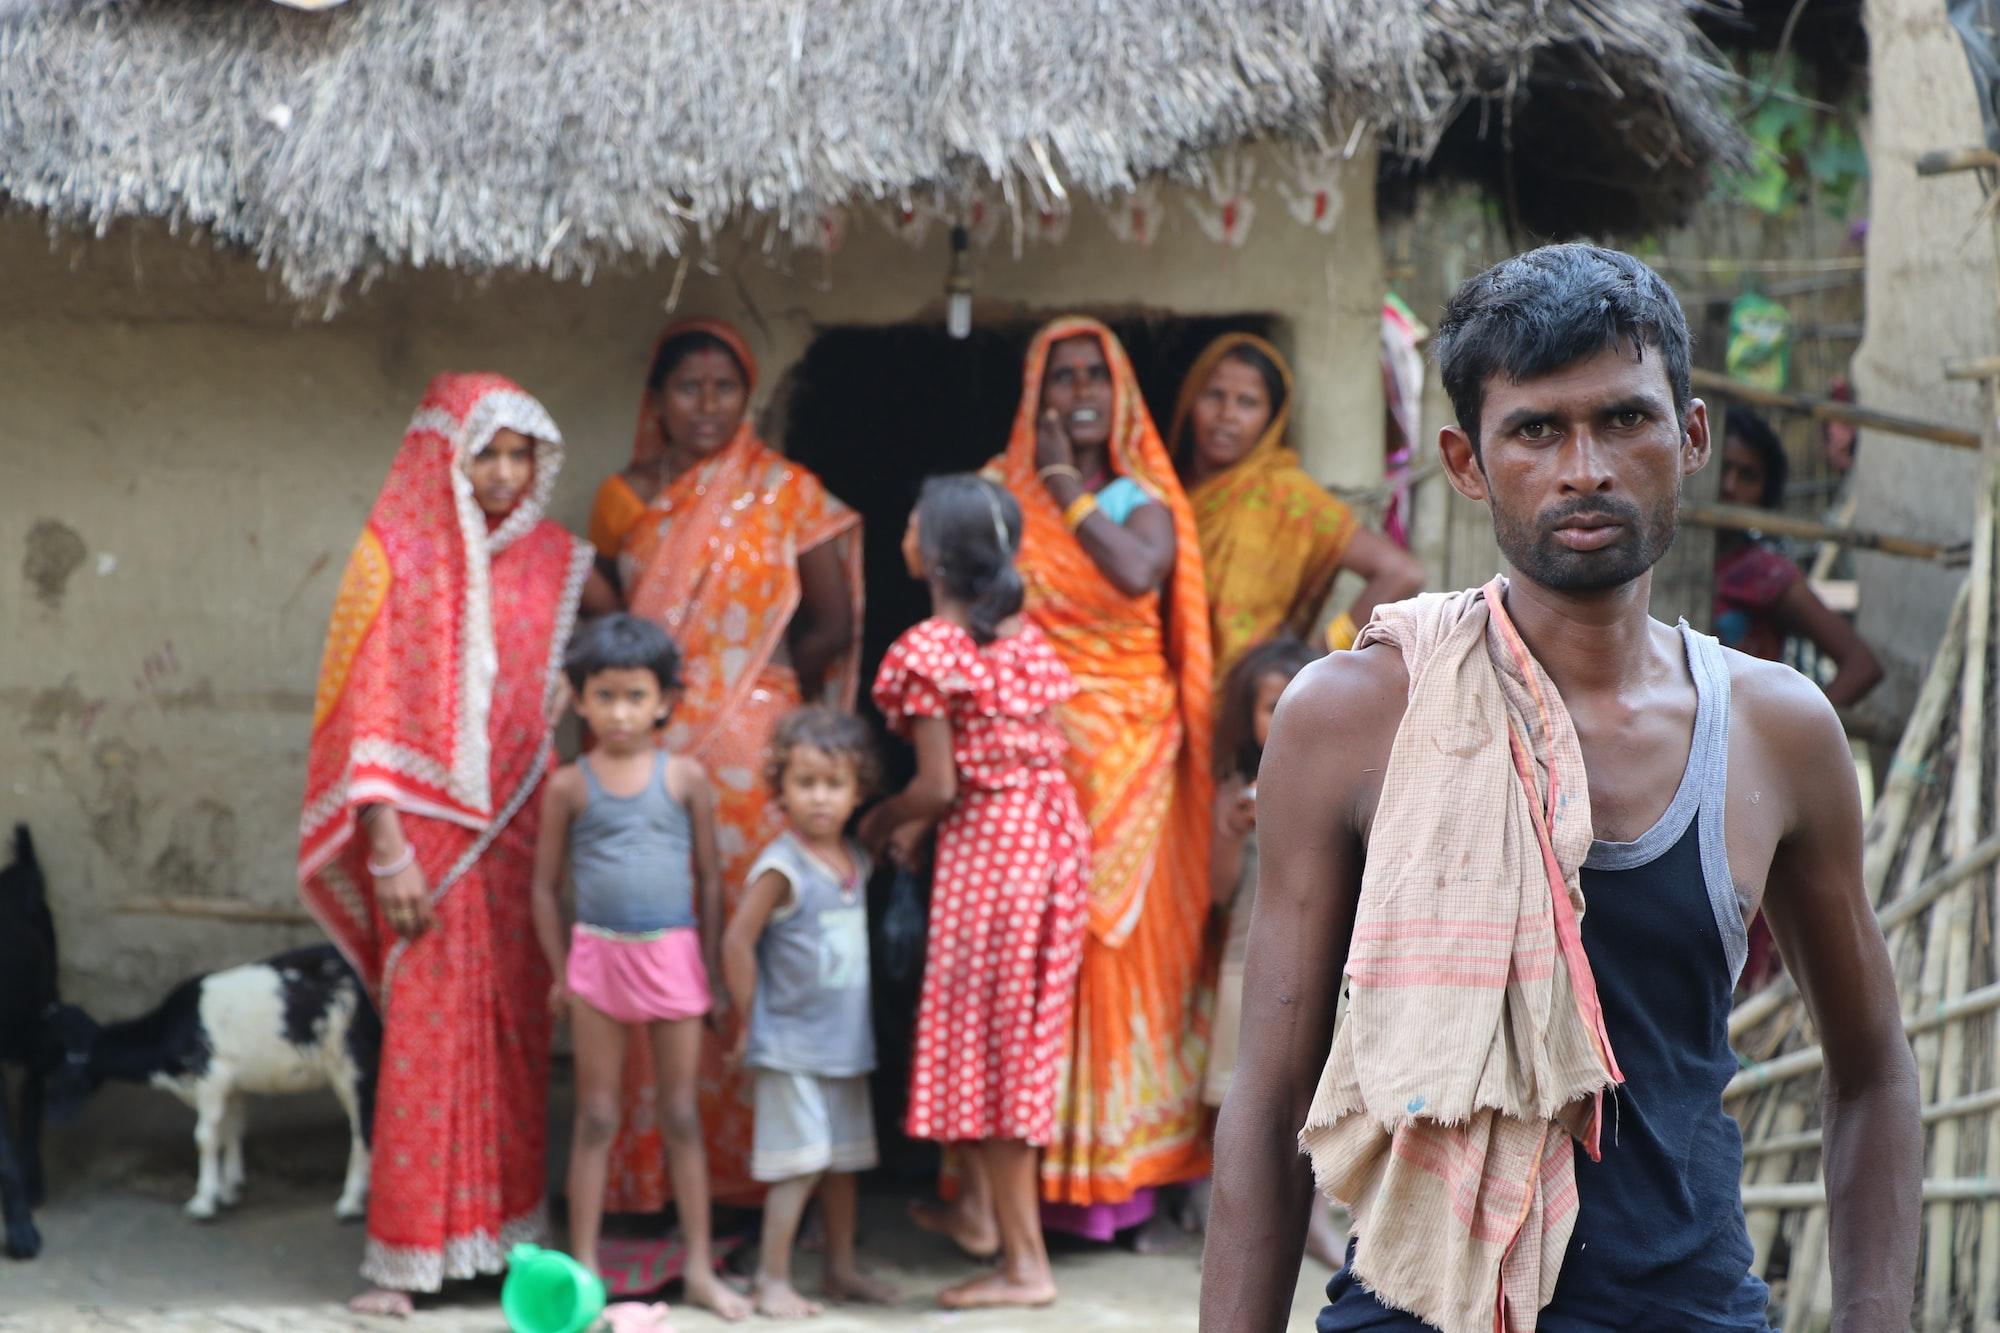 इस मामले में पड़ोसी देशों से क्यों पीछे  रह गया भारत?